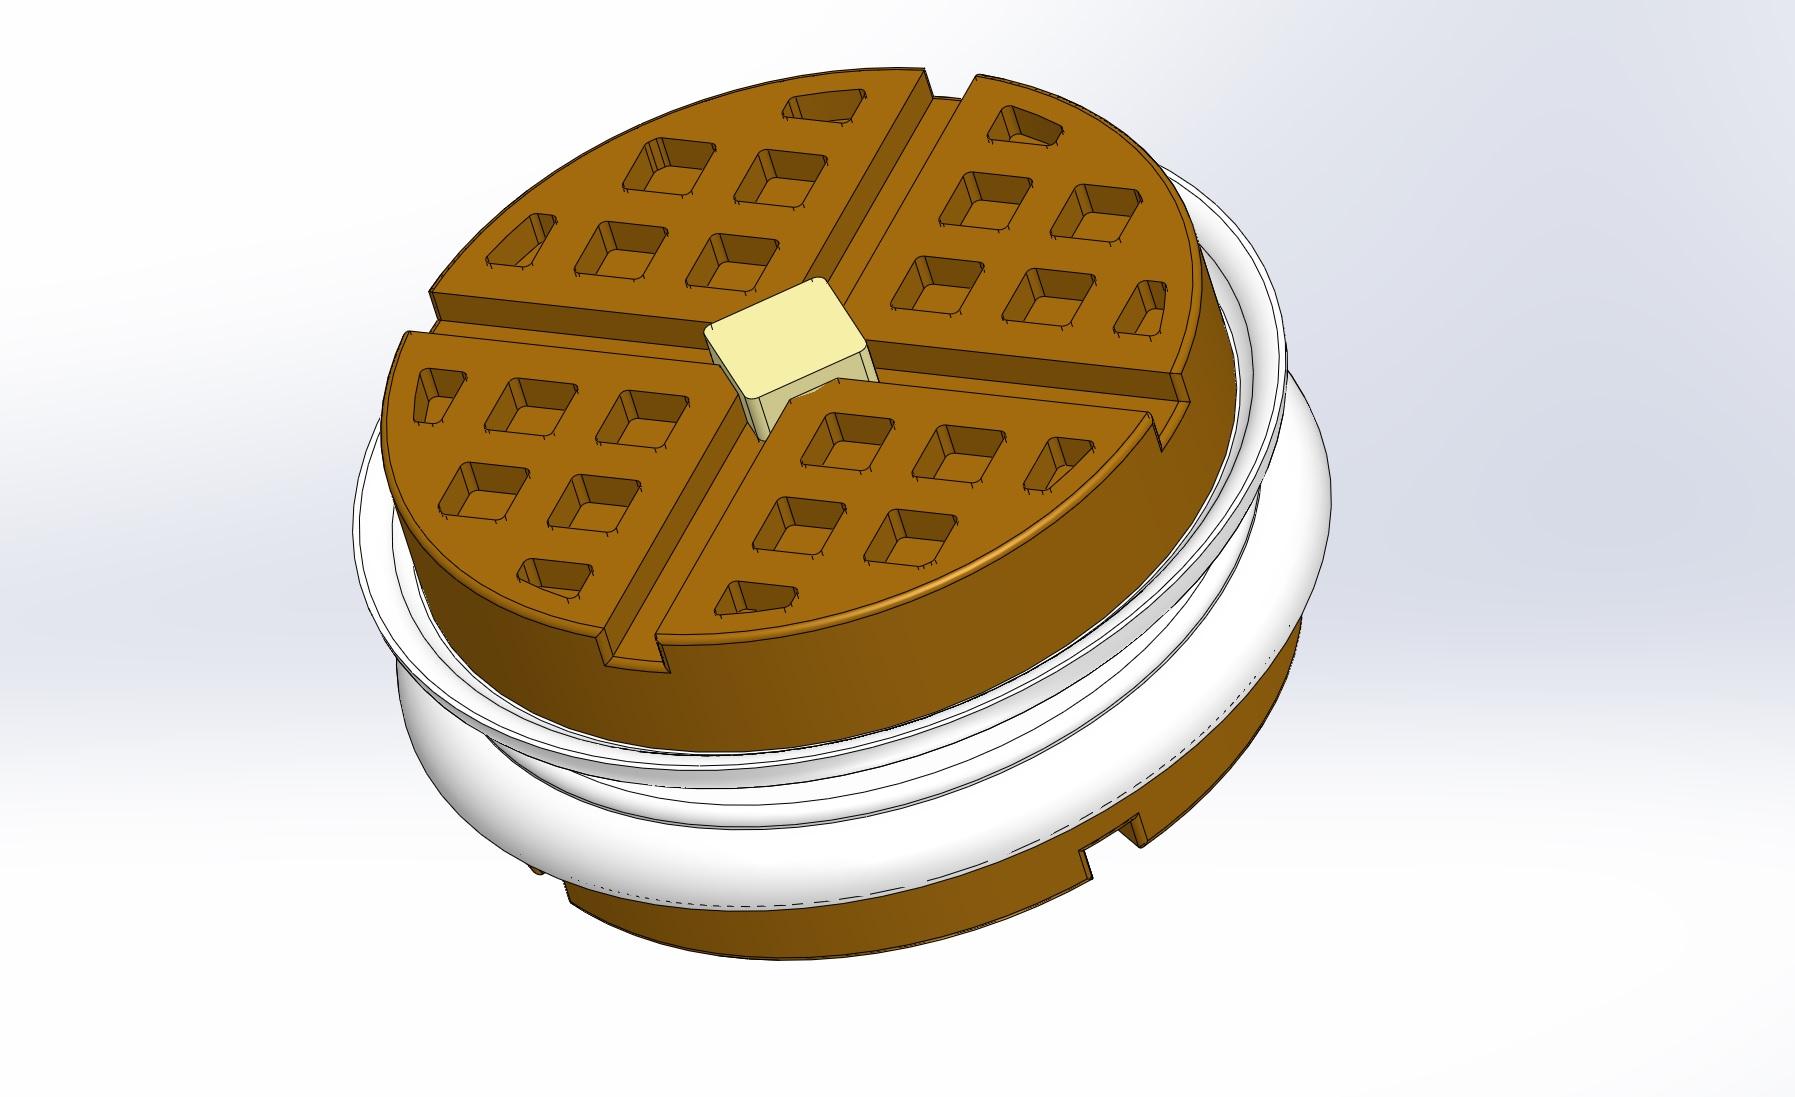 Solidworks model of the assembled yo-yo.